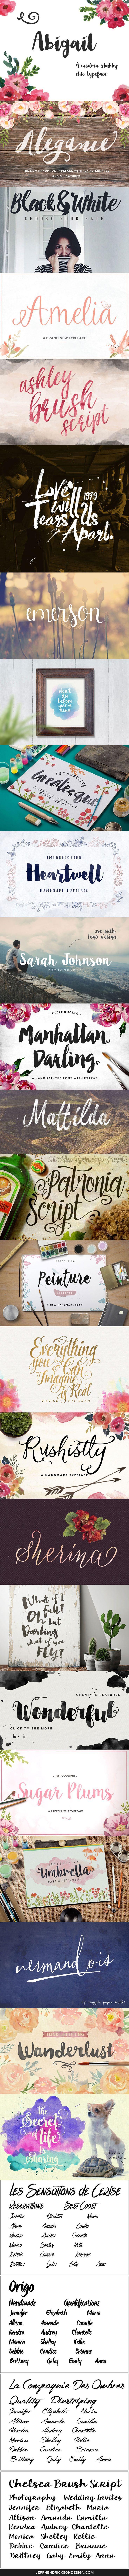 31 brush script fonts for identity, branding, logos, etc.   #typography    https://jeffhendricksondesign.com/31-brush-script-fonts-some-free/